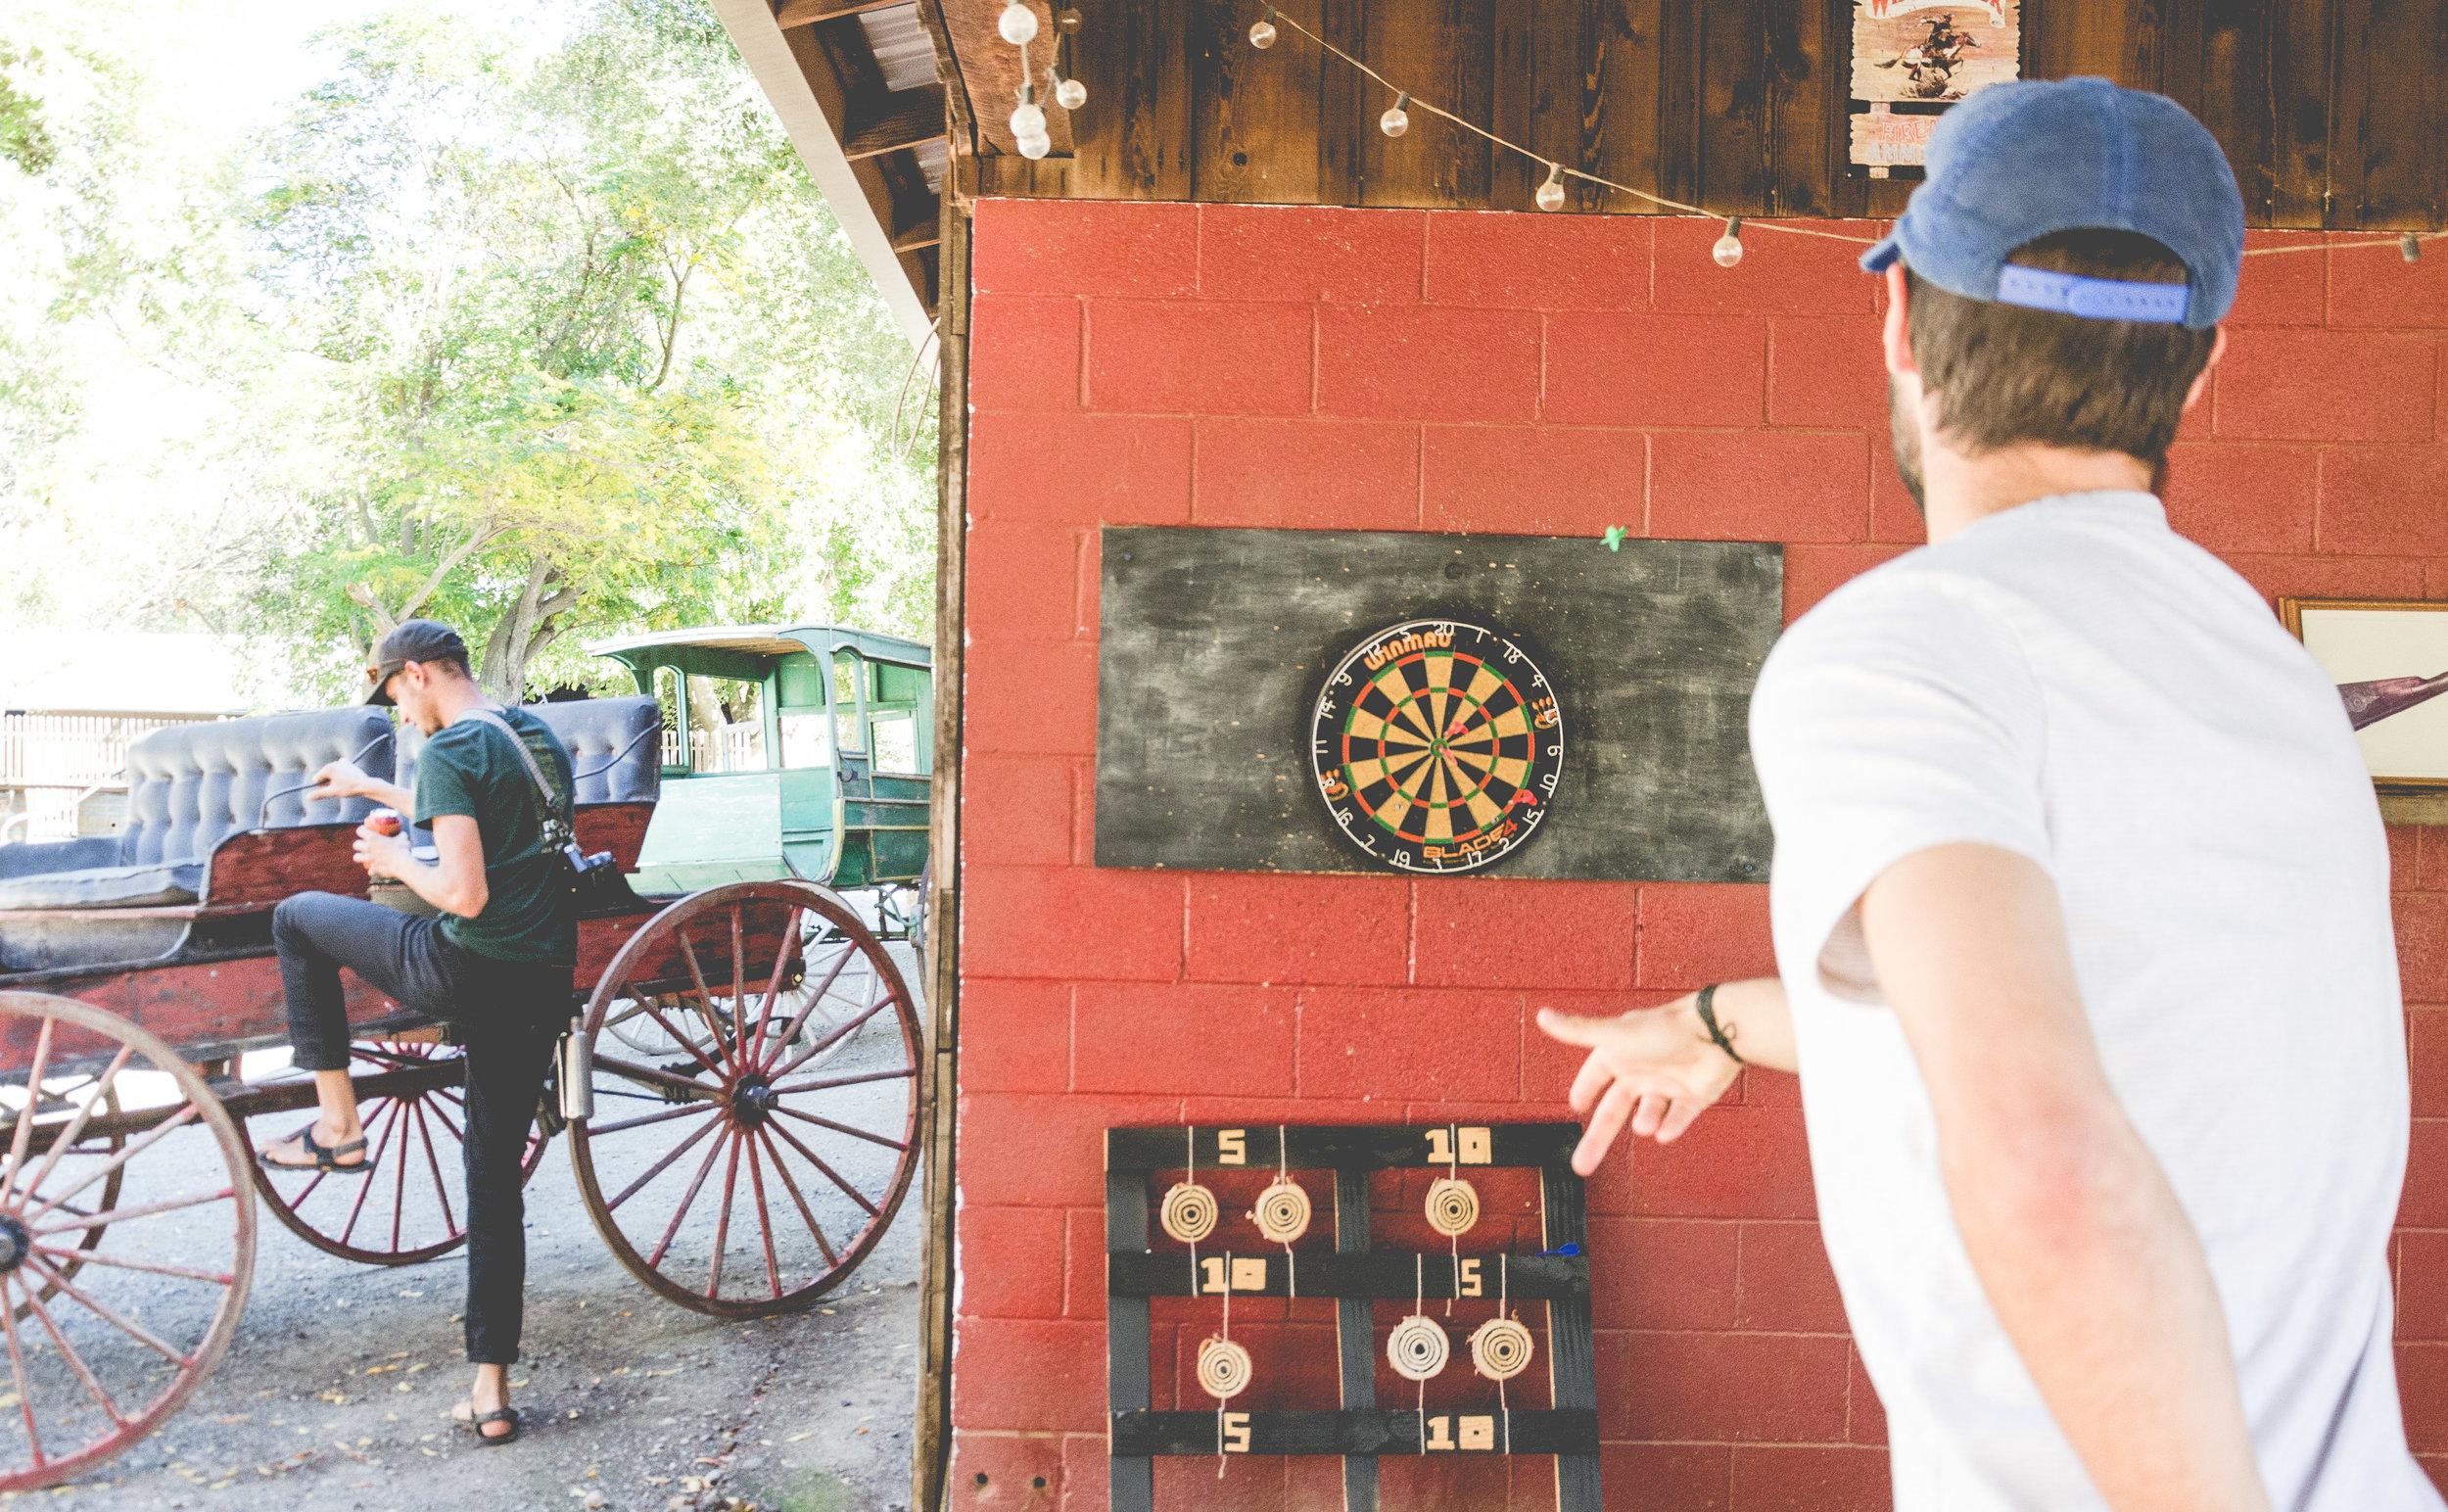 Darts and Pool hall